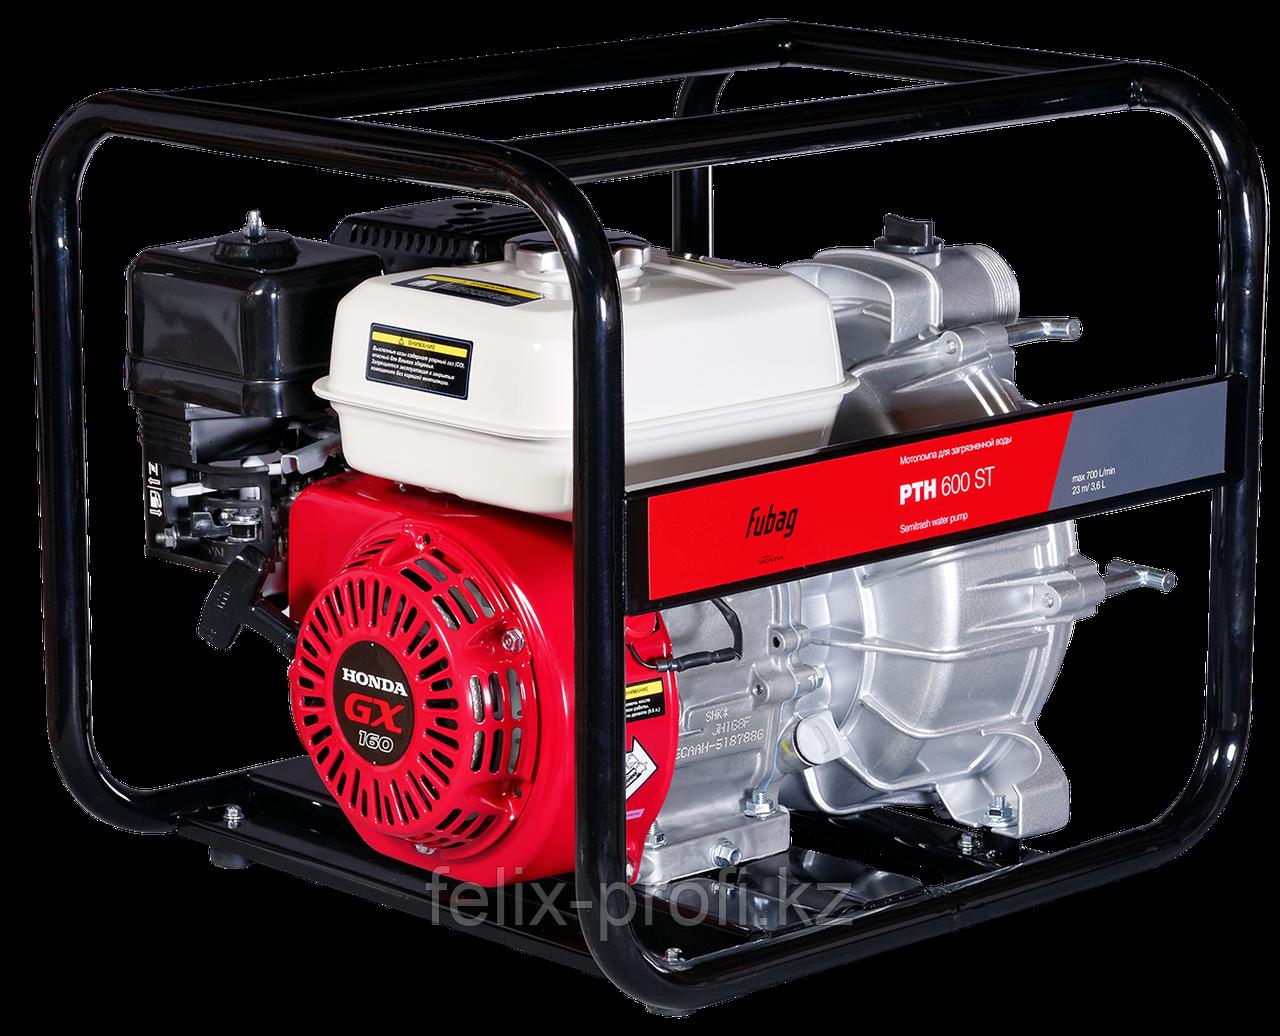 FUBAG Бензиновая мотопомпа PTH 600 ST для загрязненной воды